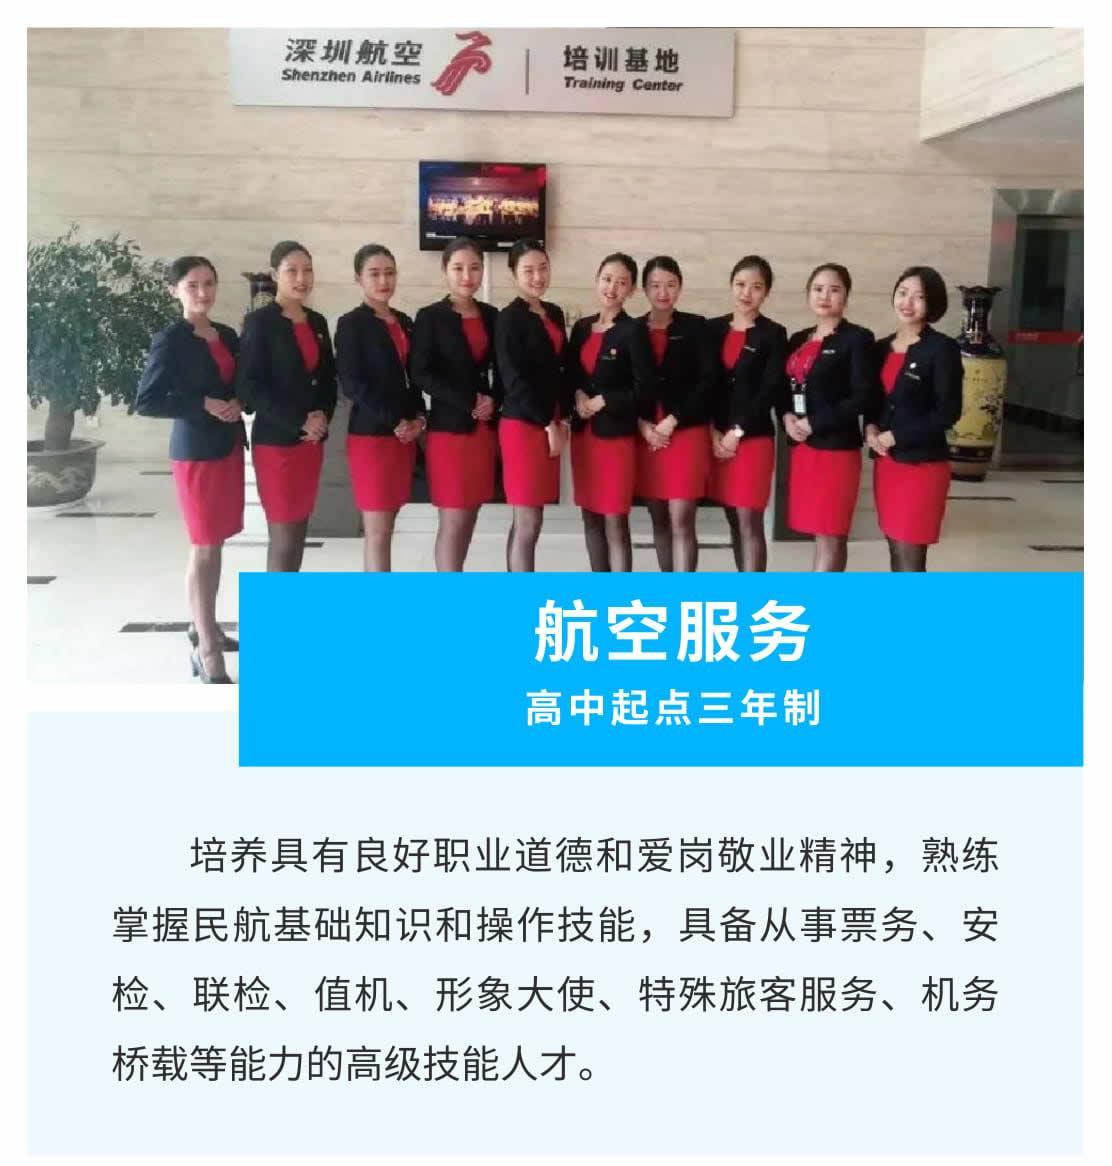 航空服务(高中起点三年制)-1_r1_c1.jpg